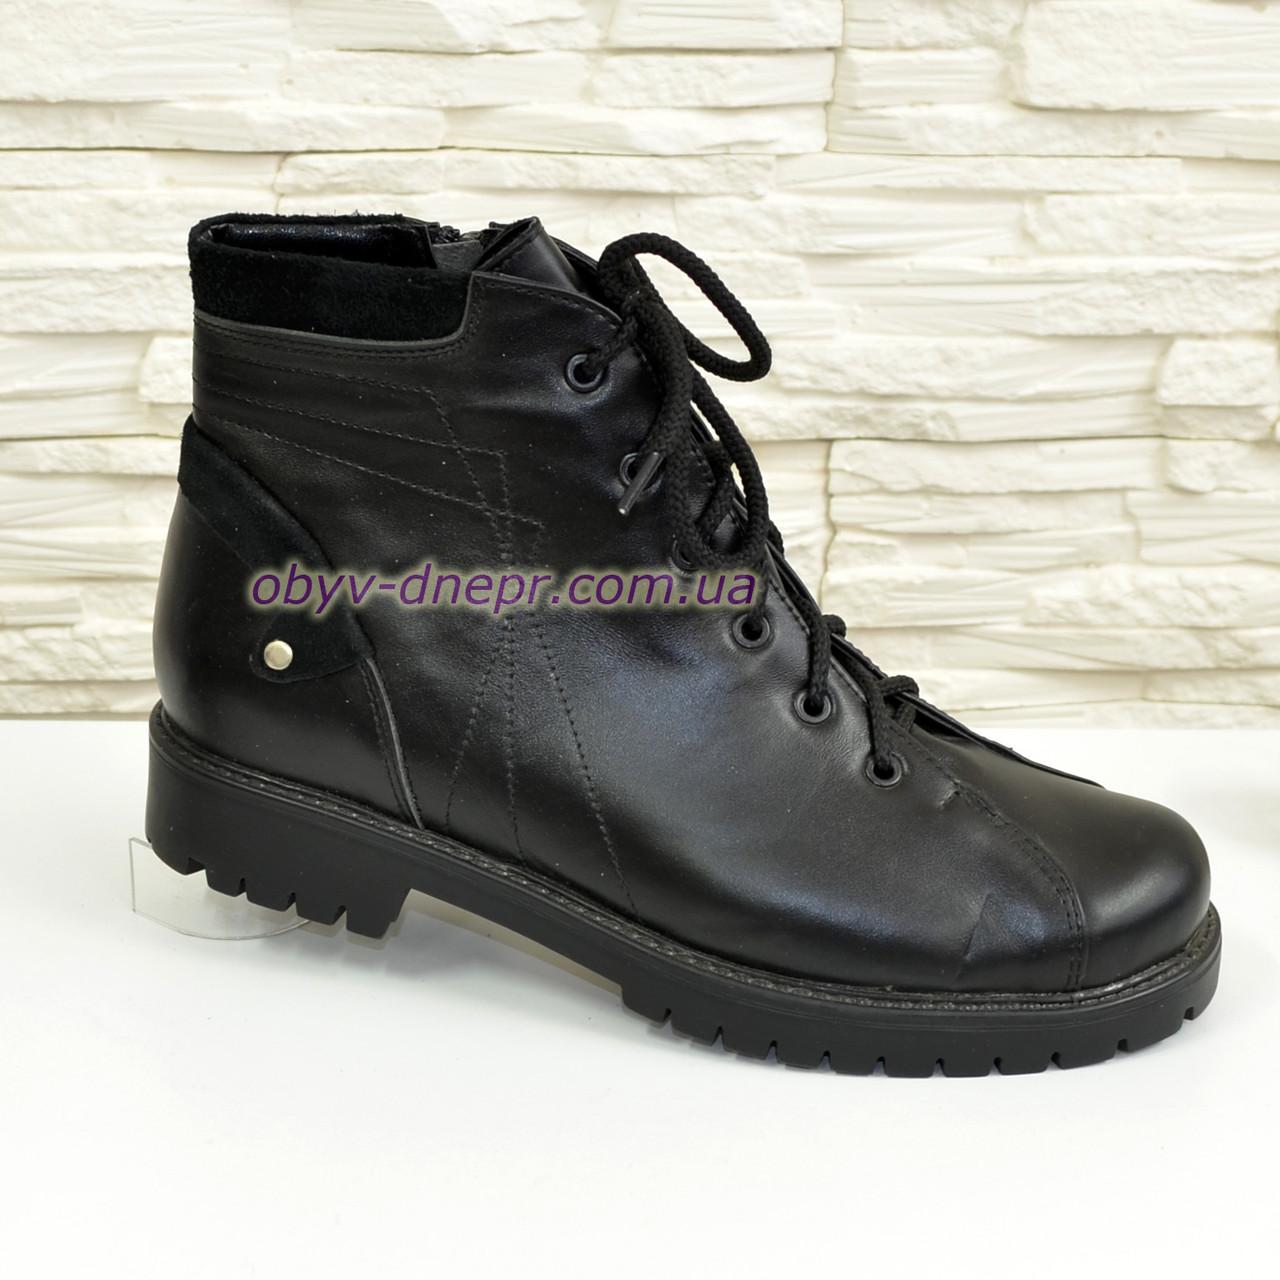 Ботинки женские   кожаные на шнуровке, цвет черный.